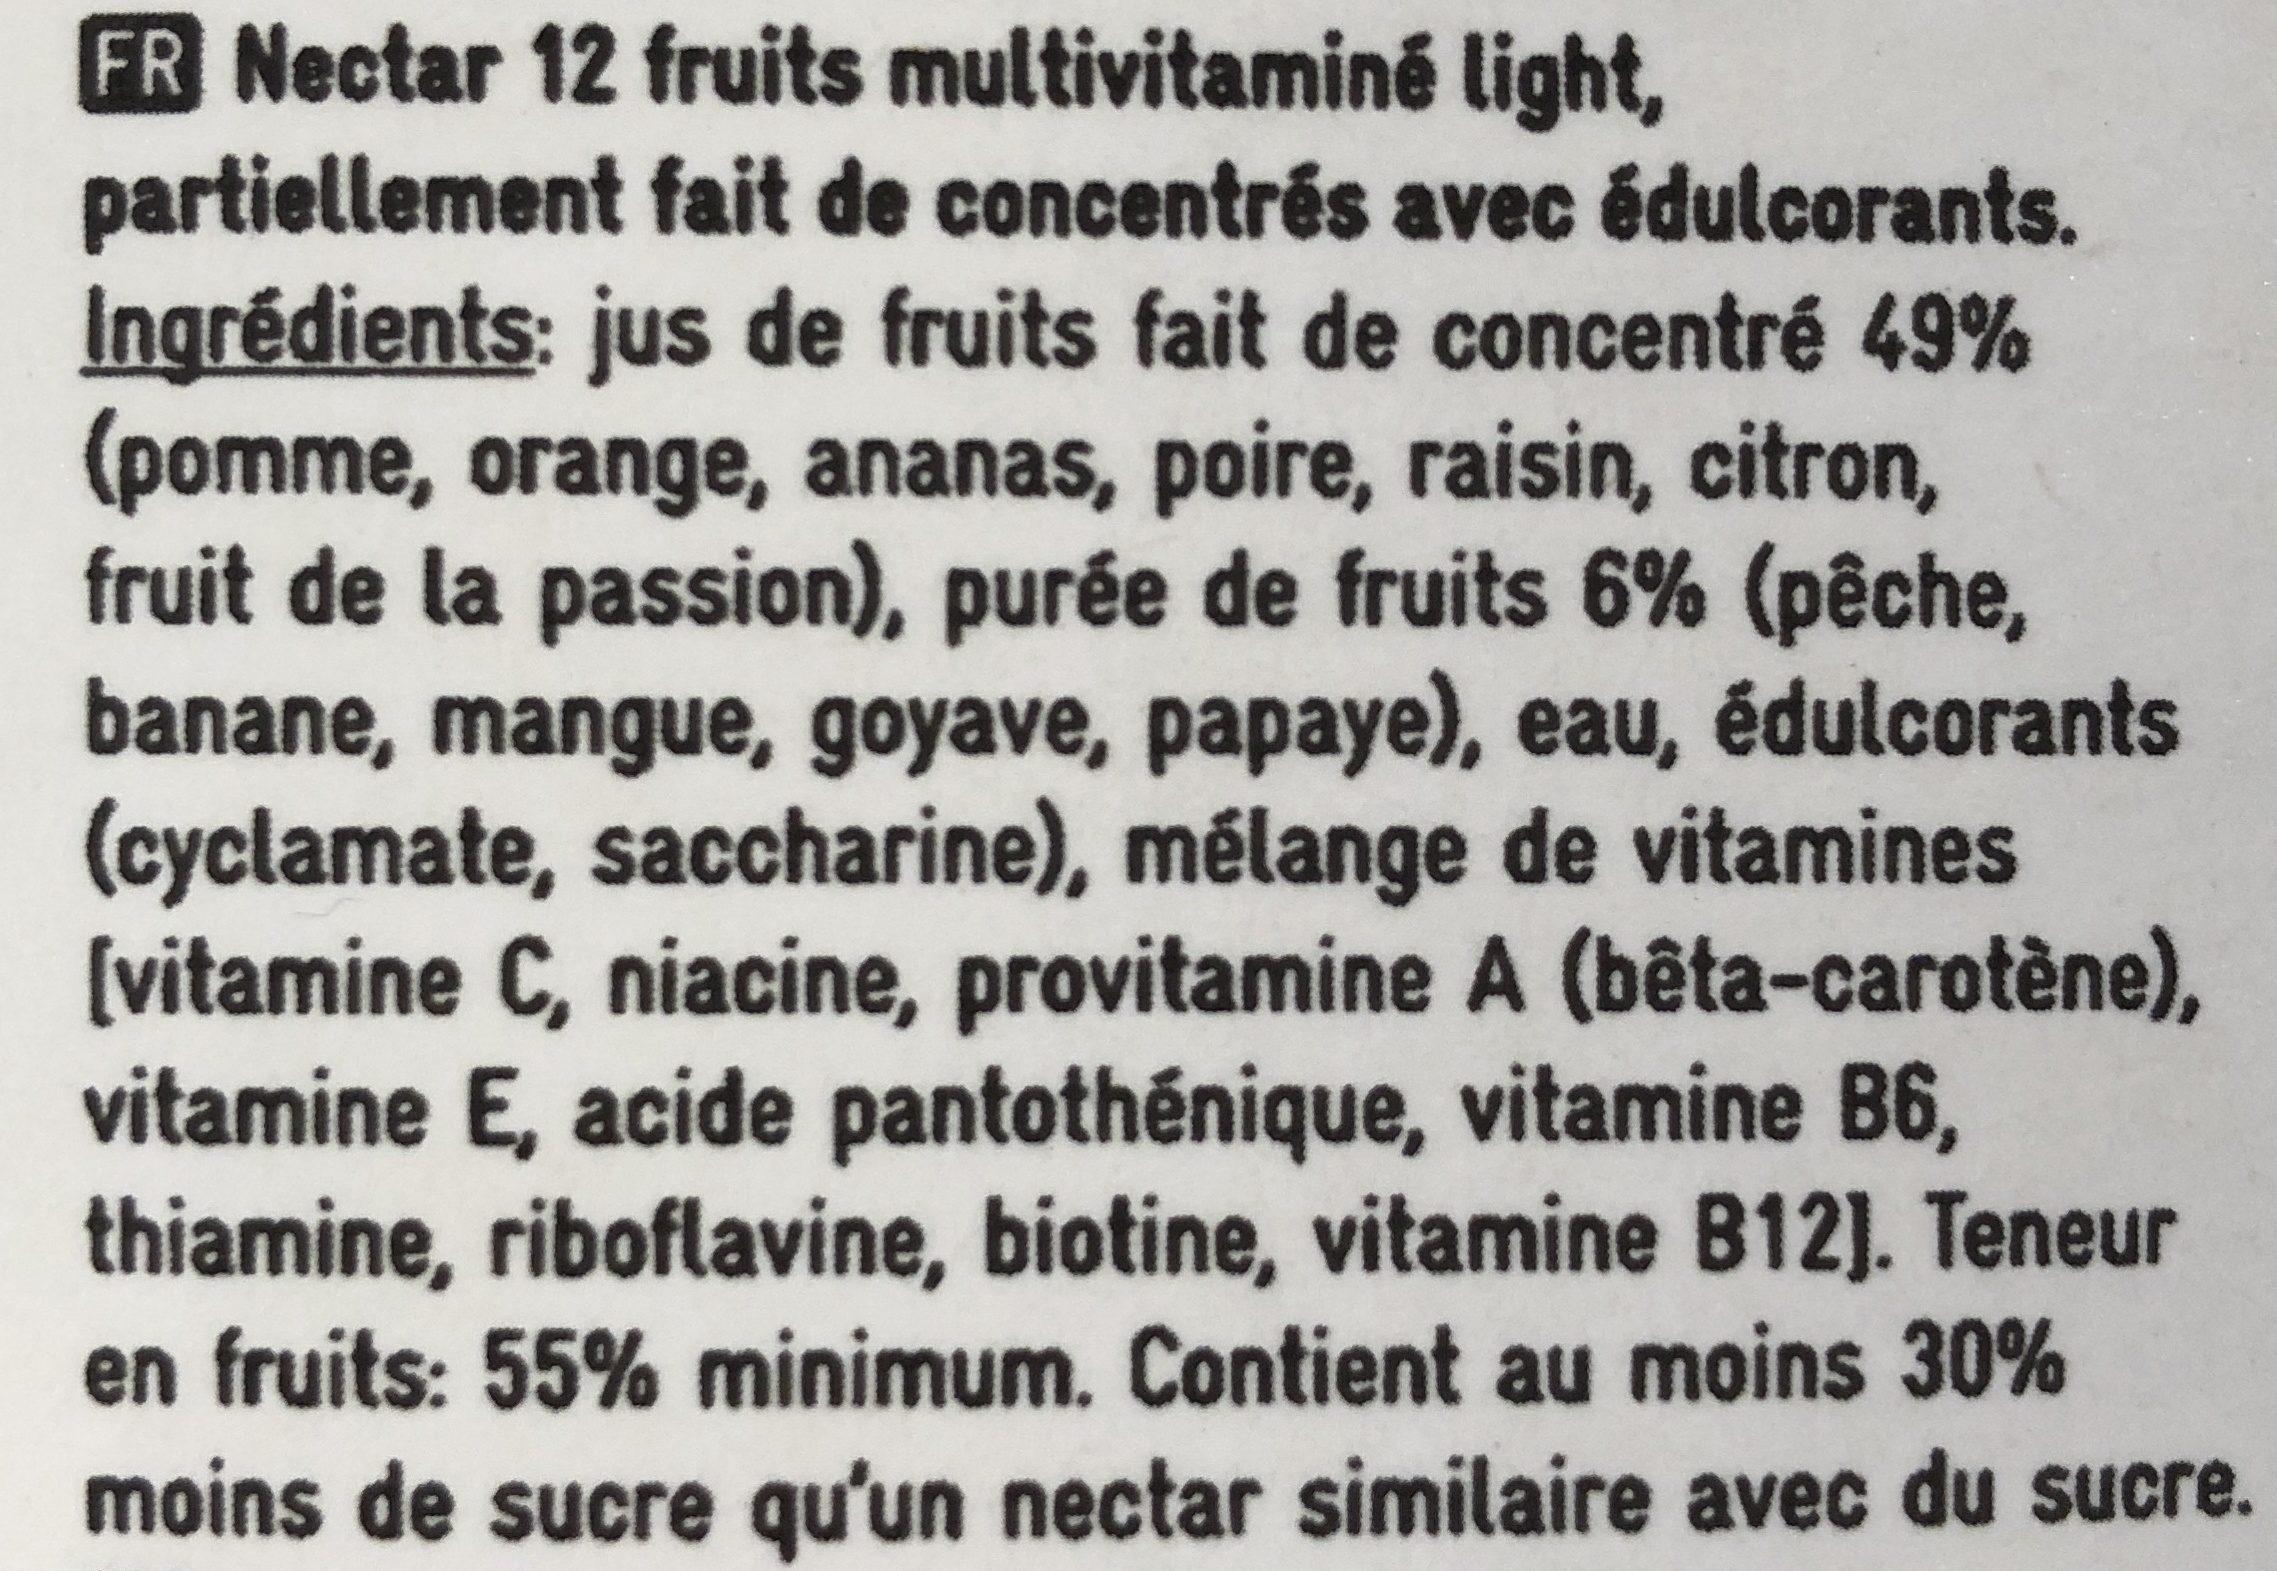 Nectar multivitaminé 12 fruits - Ingrediënten - fr